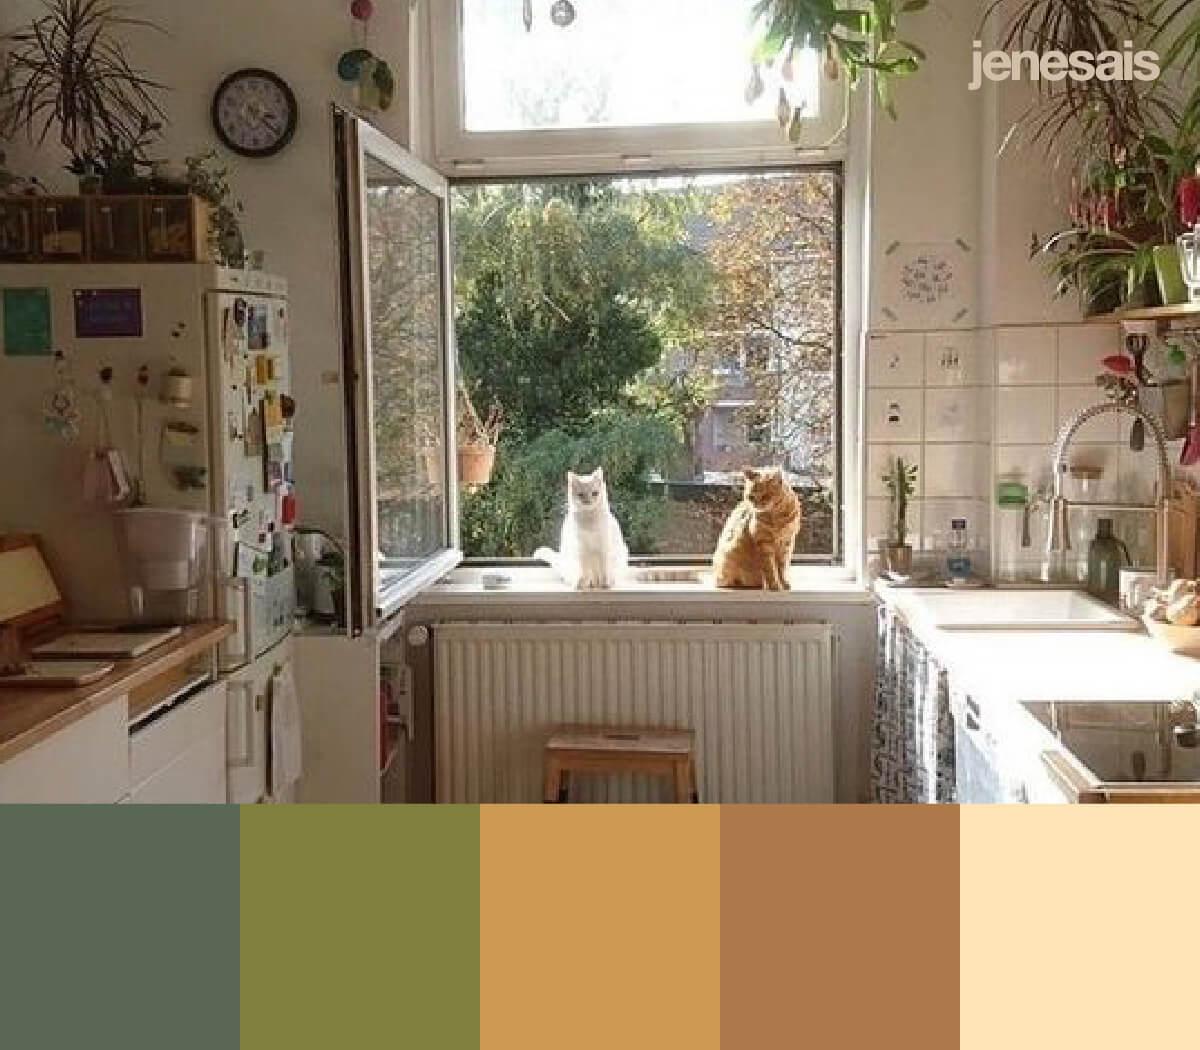 Cottagecore Aesthetic Color Palette